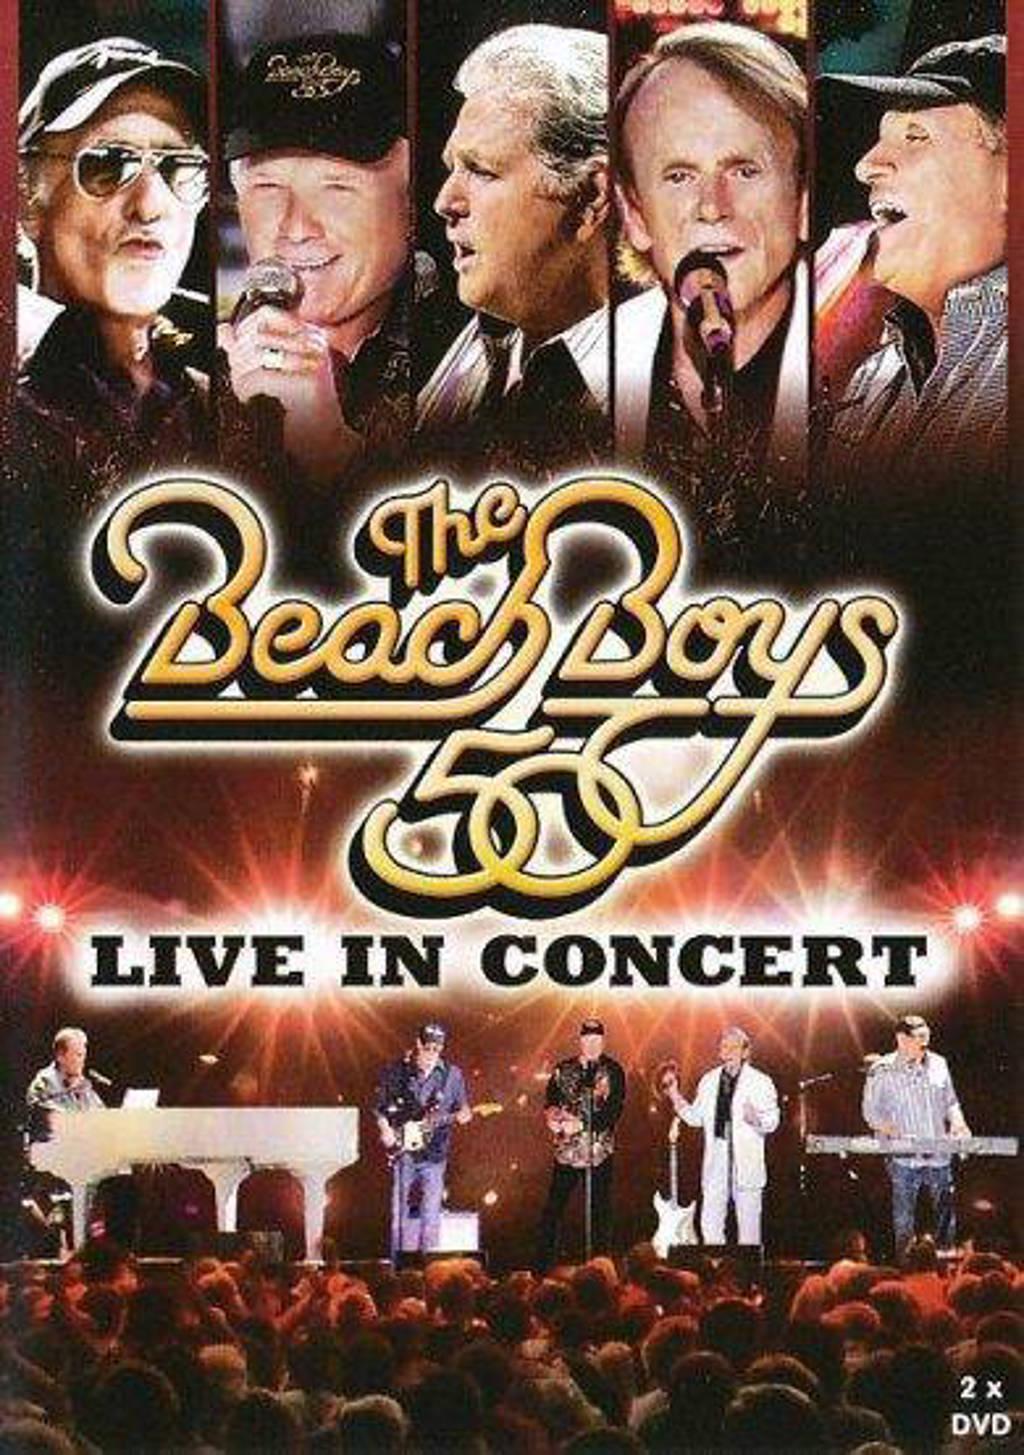 The Beach Boys - The Beach Boys 50 - Live In Concert (DVD)